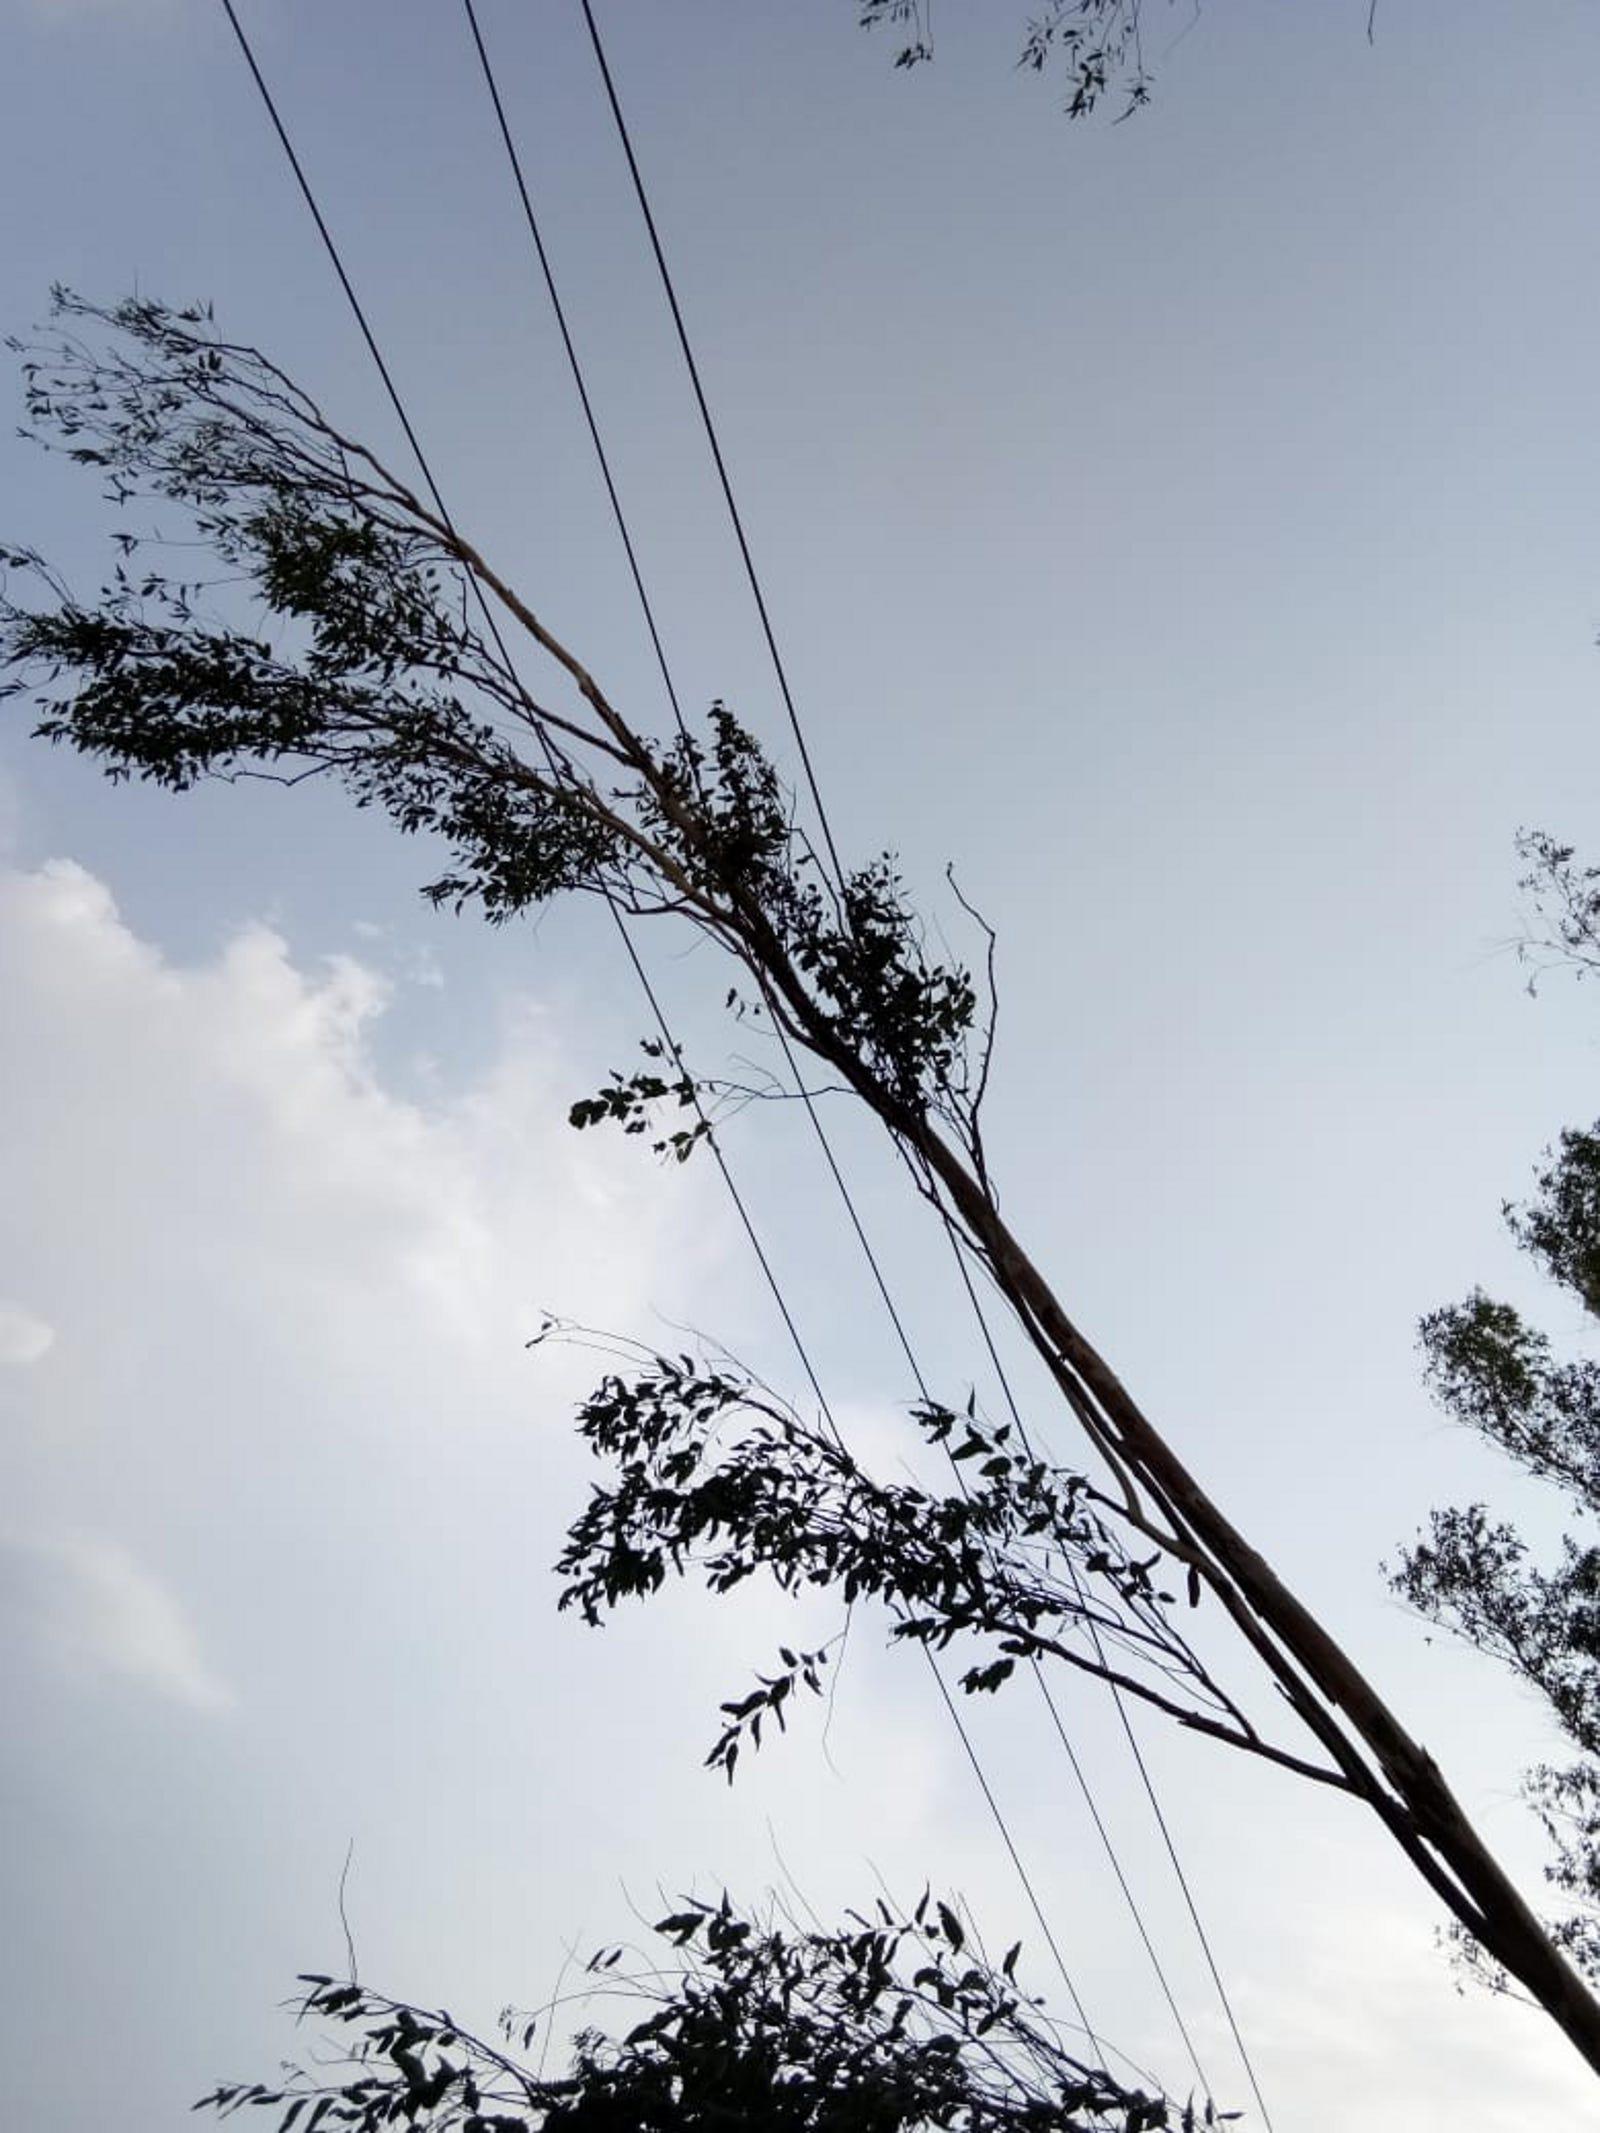 पेड़ काटकर हाइटेंशन लाइन पर गिराया, दो घंटे बंद रही बिजली सप्लाई, शिकायत दर्ज